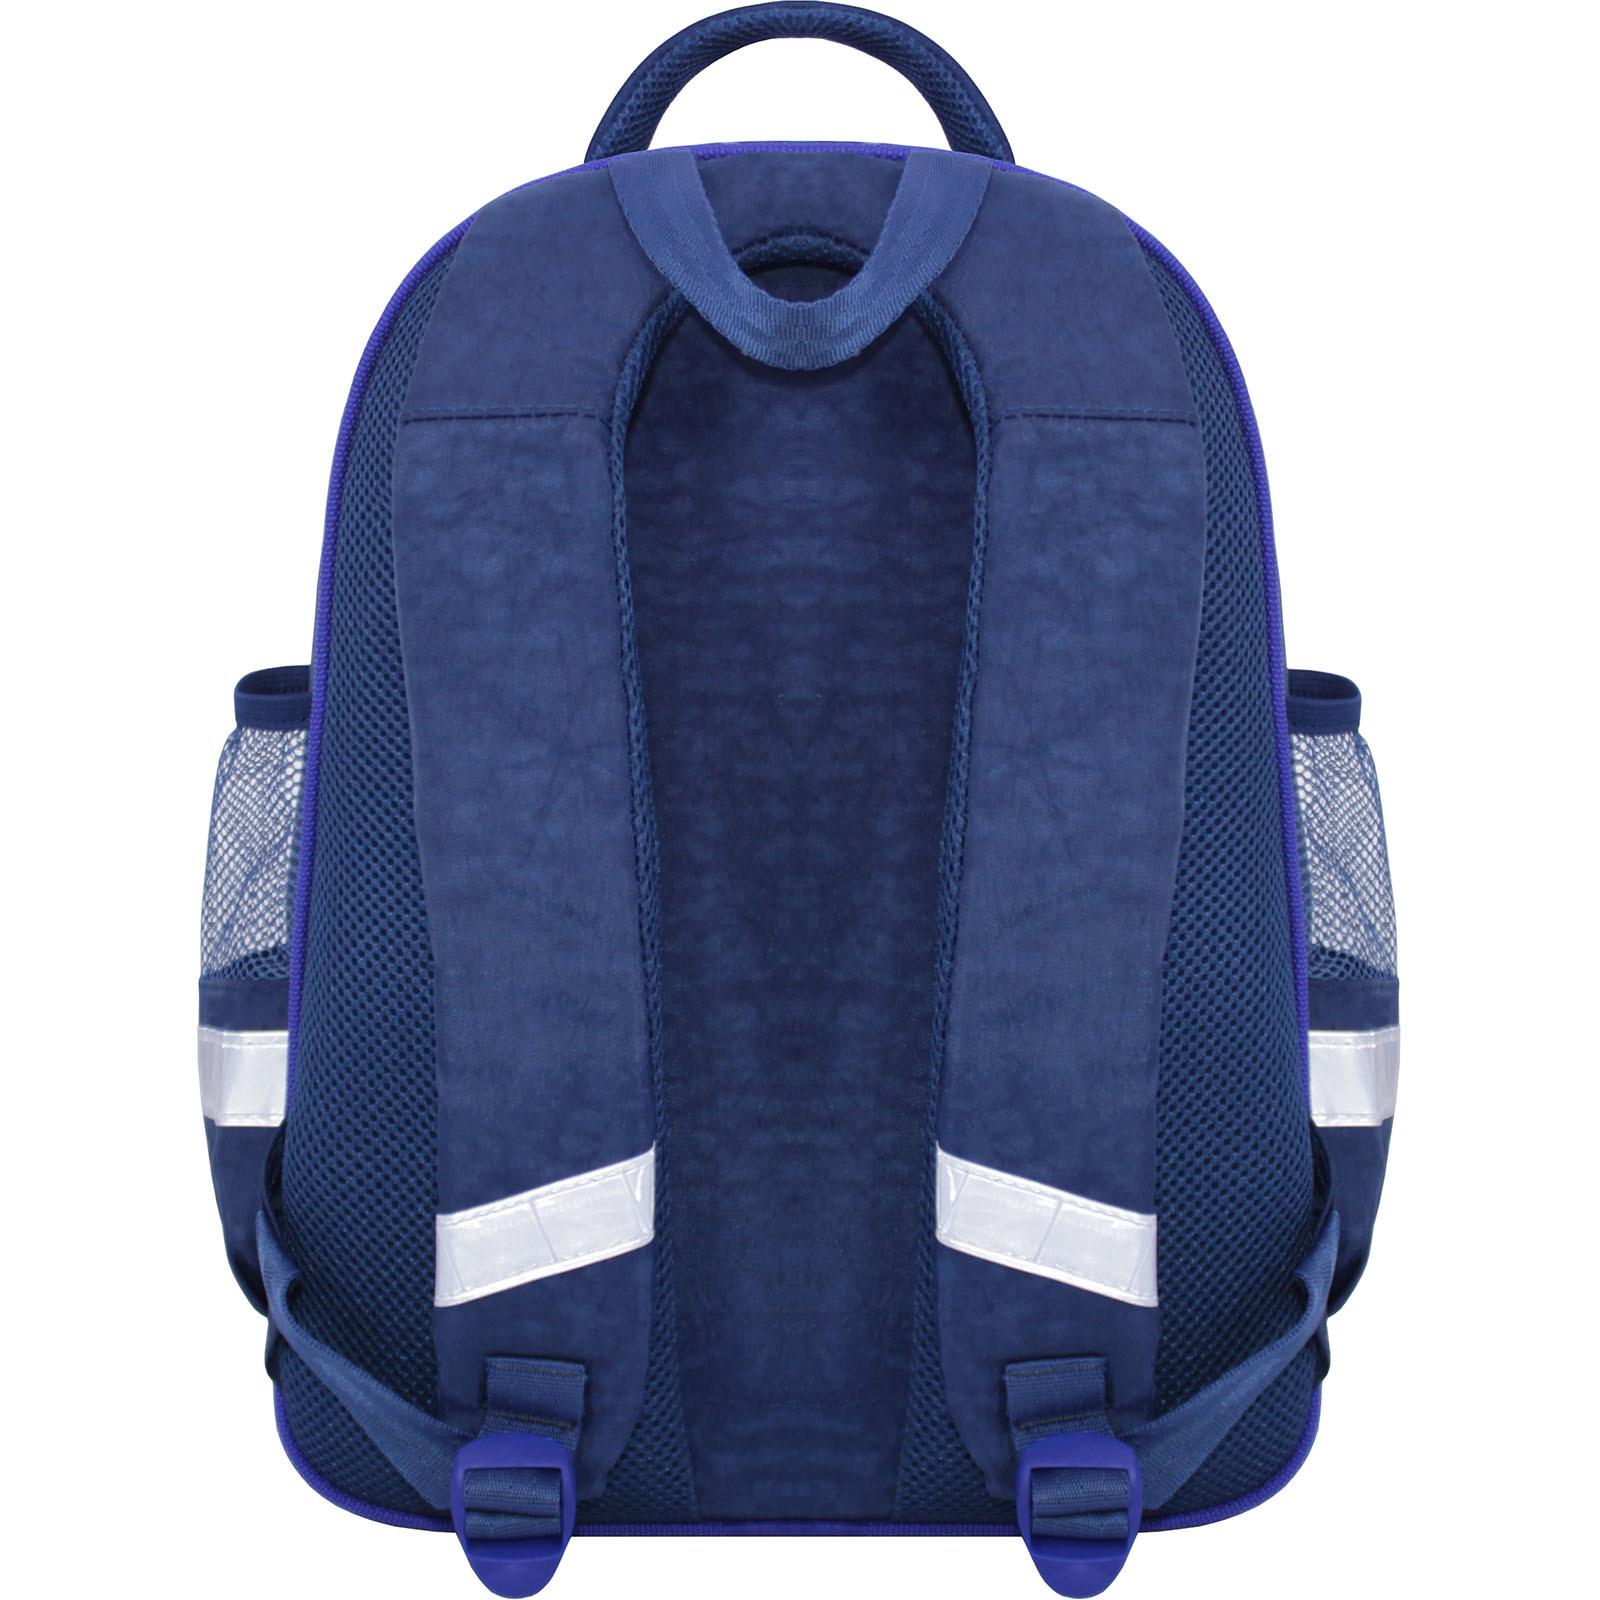 Рюкзак школьный Bagland Mouse 225 синий 506 (0051370) фото 3